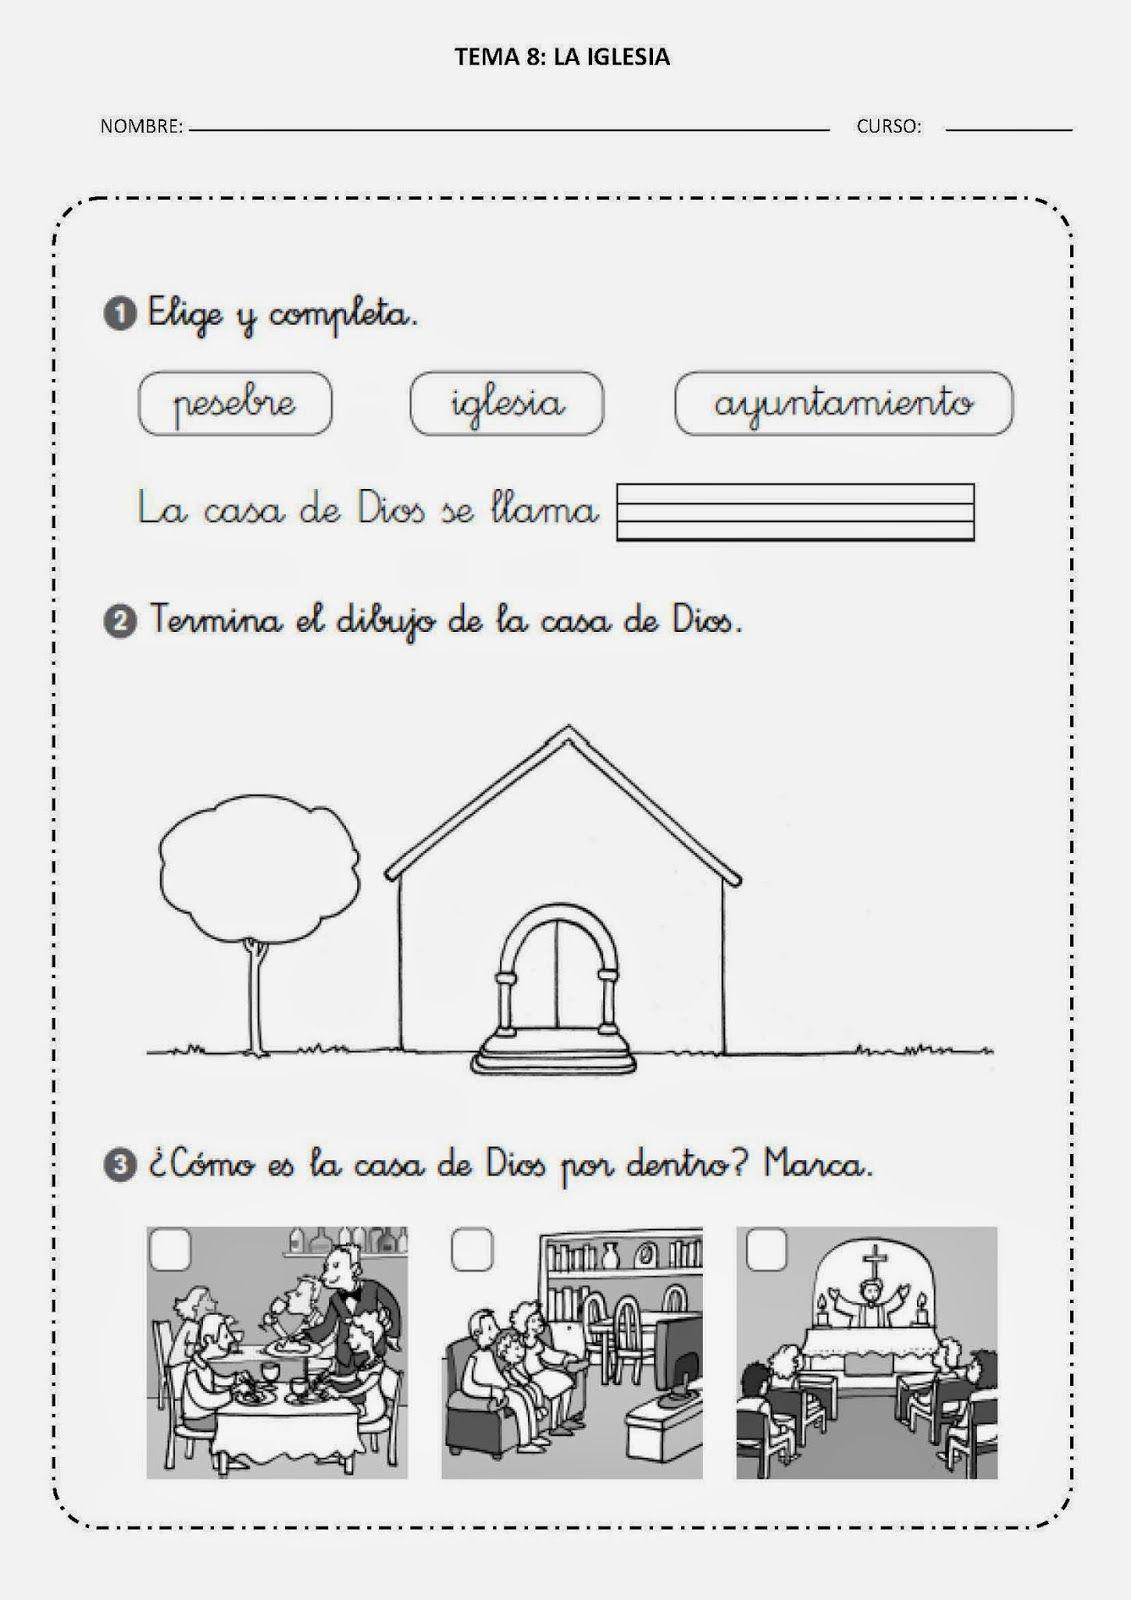 Aprendemos En Reli Tema 8 La Iglesia